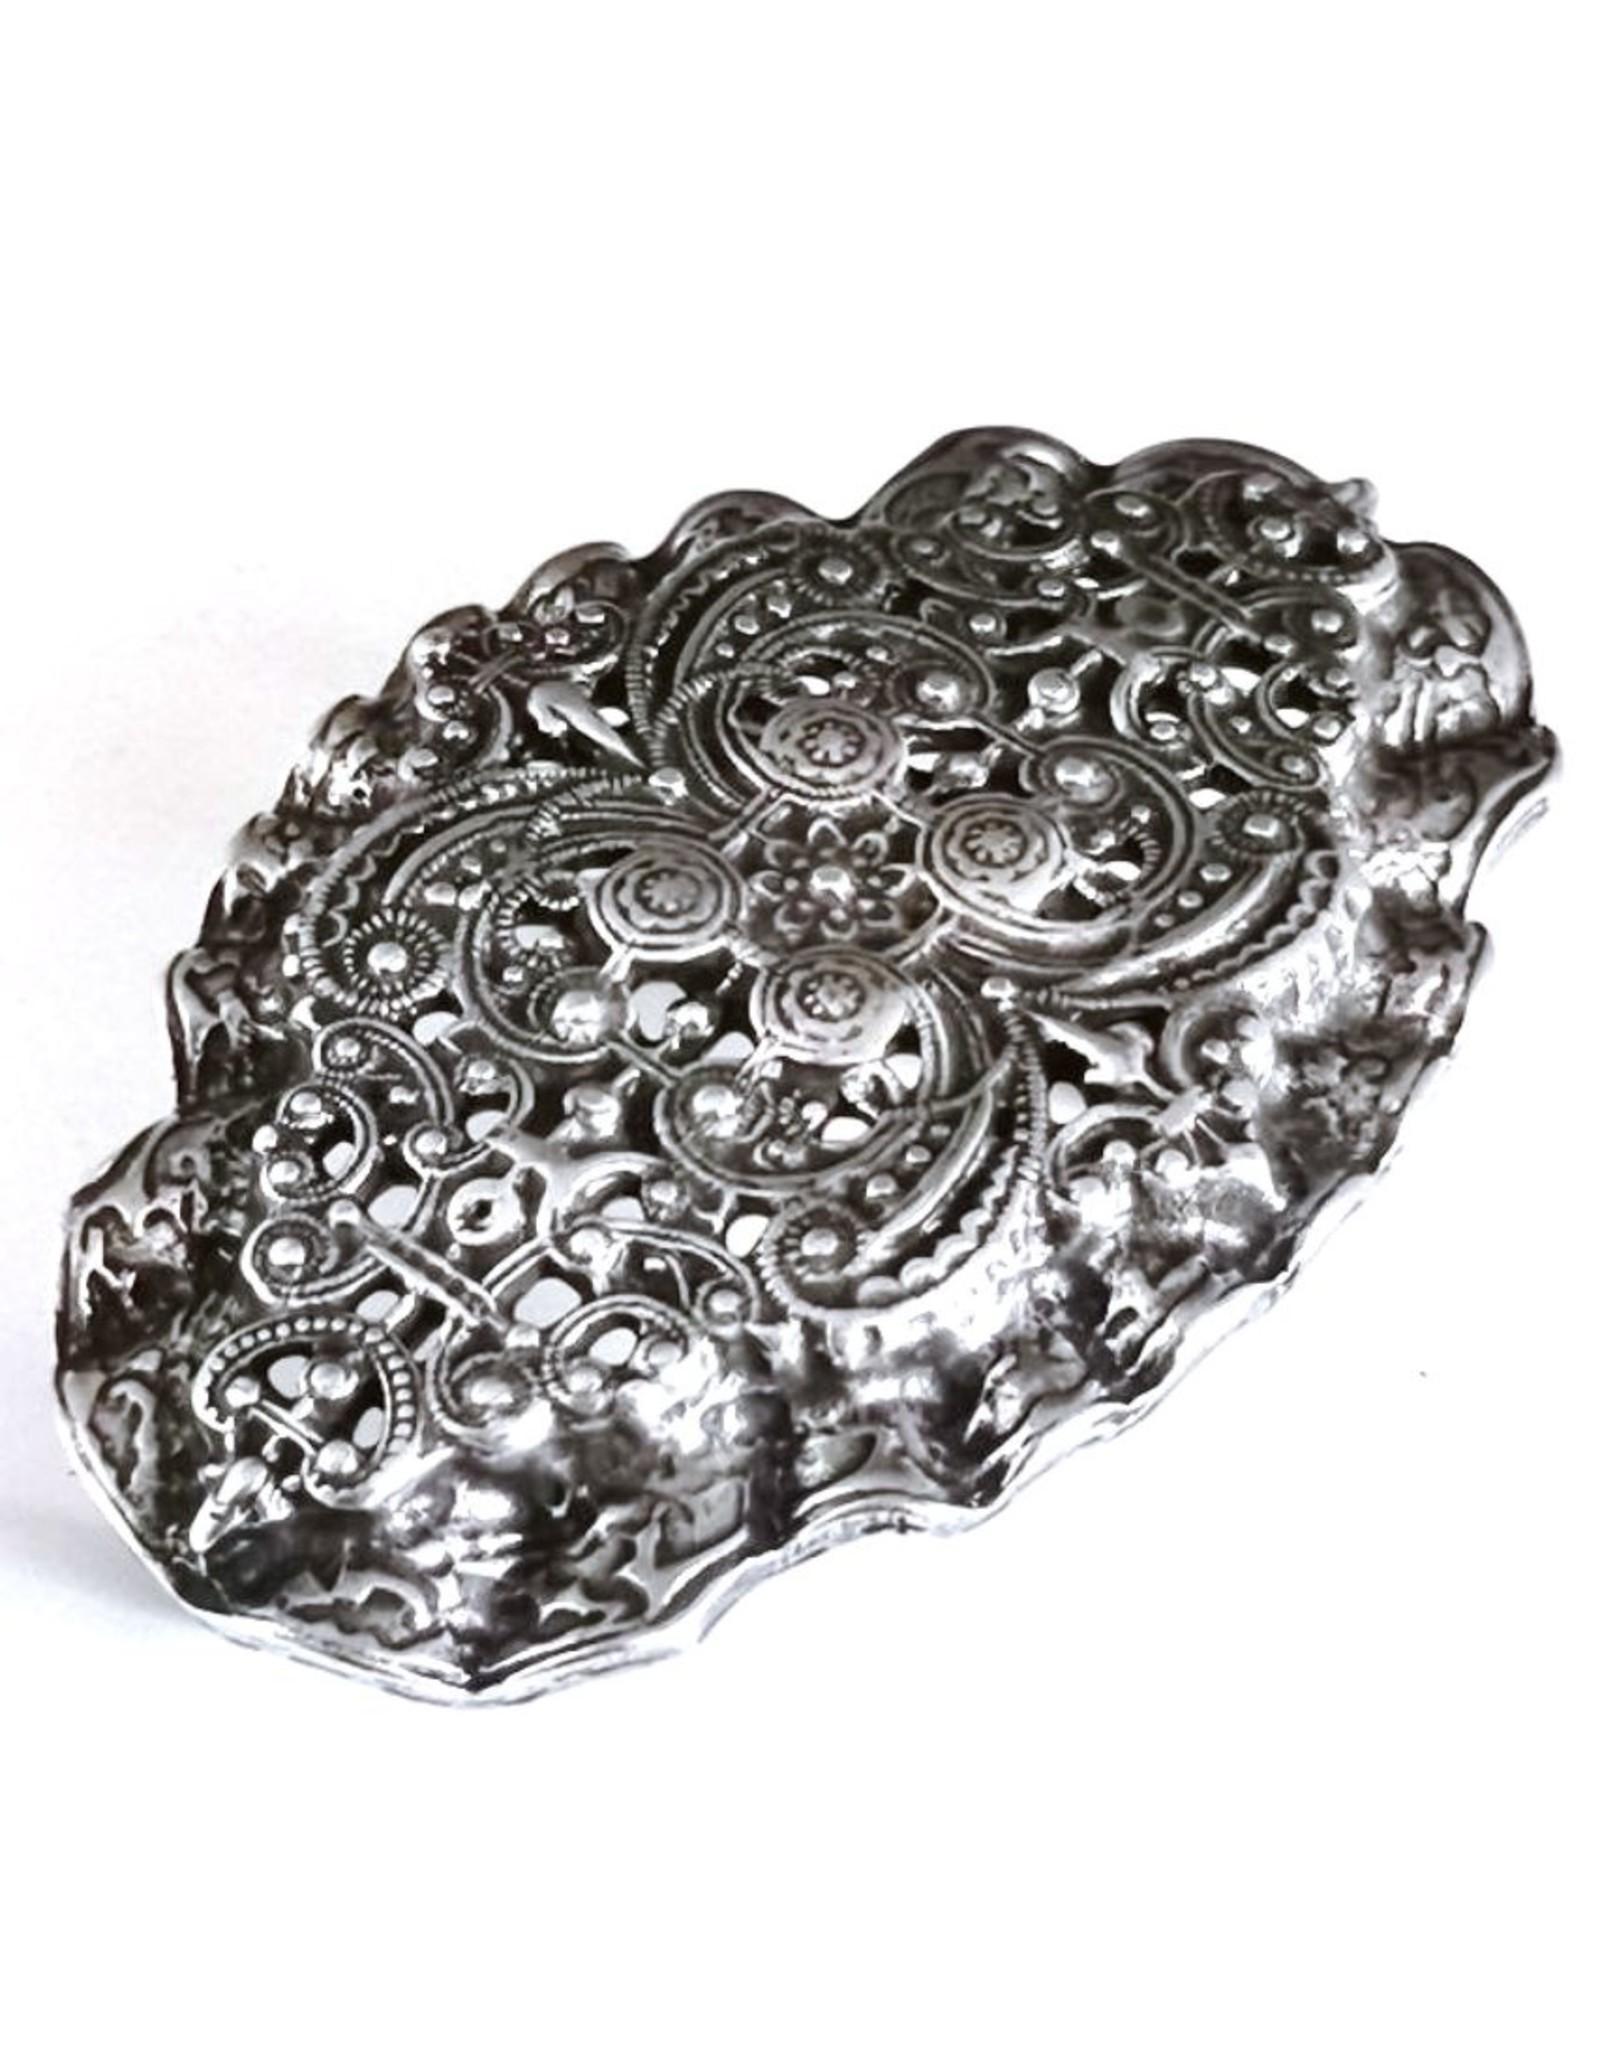 Boom Belts Buckles - Buckle met Victoriaans Ornament - massief metaal